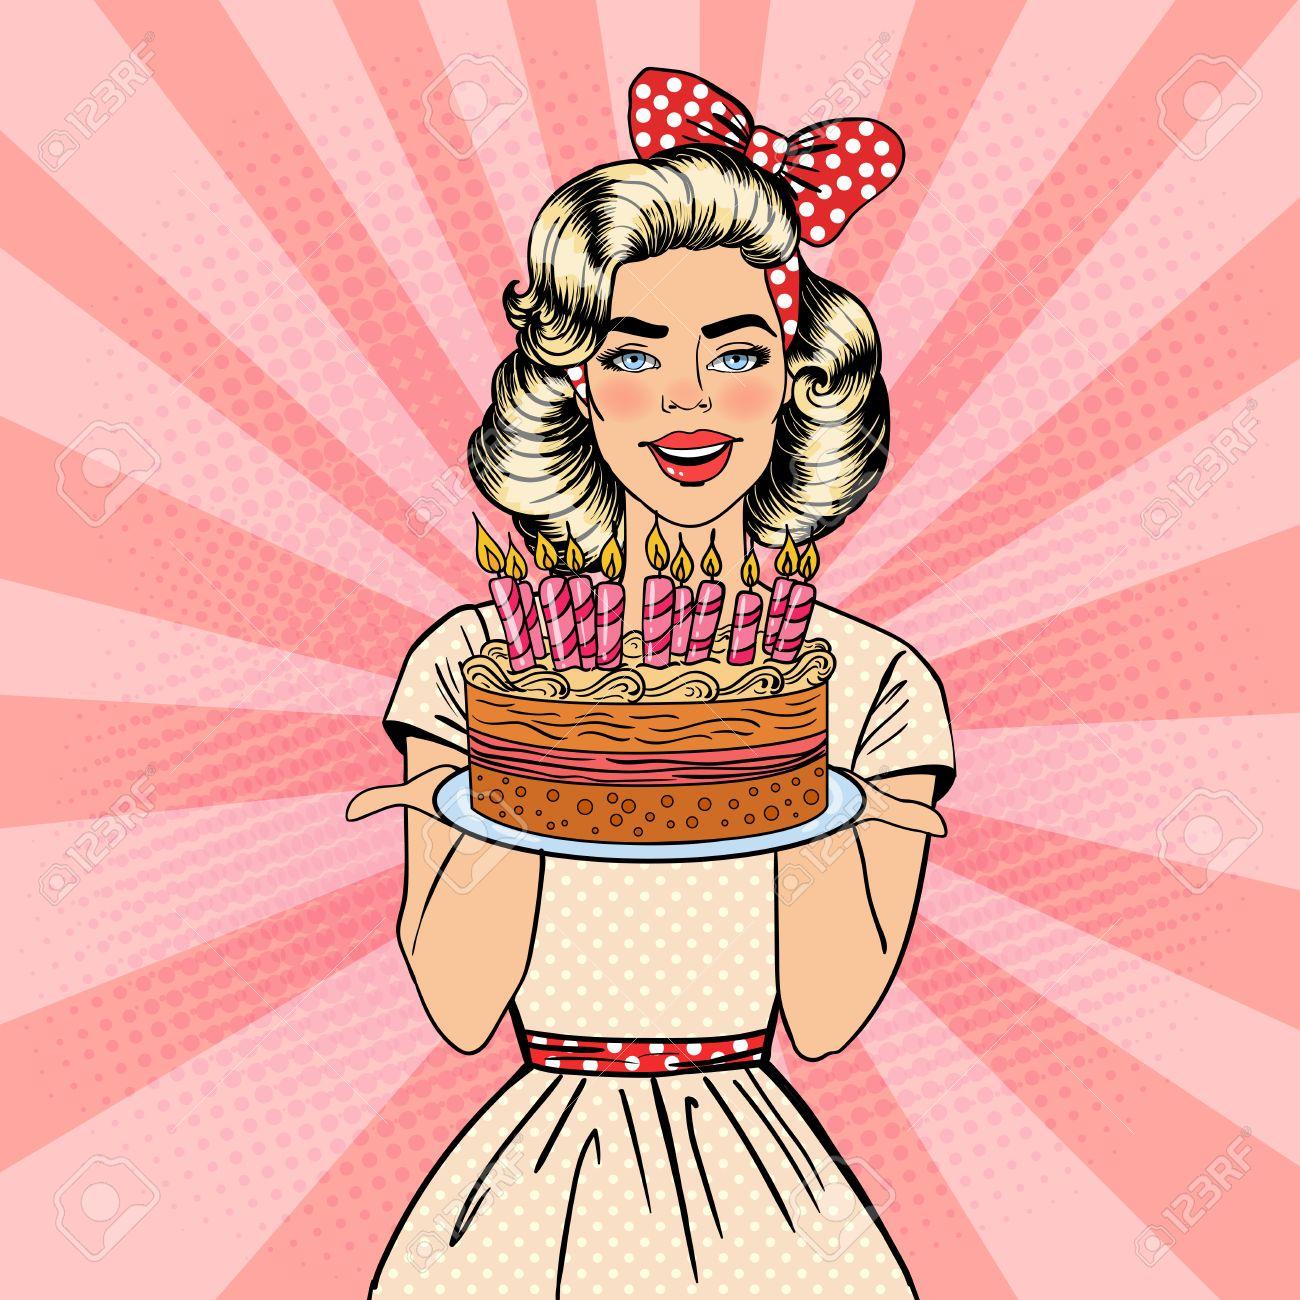 Pop Art Schone Frau Halt Einen Teller Mit Happy Birthday Cake Kerzen Vektor